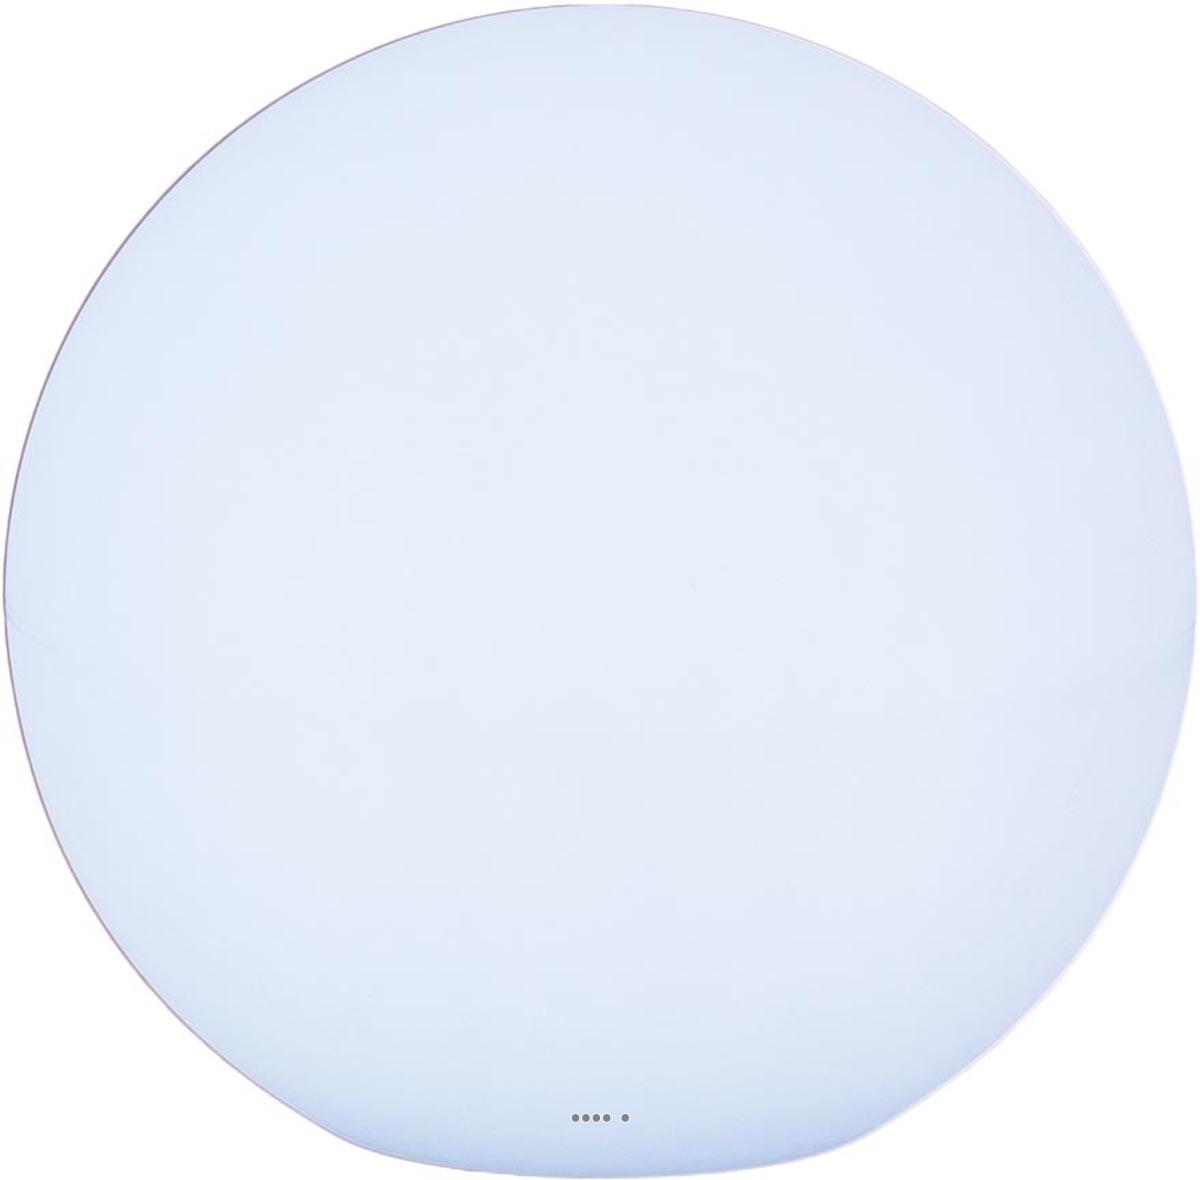 Bac lumineux en plastique lighty exterieur boule blanc du - Boule en plastique pas cher ...